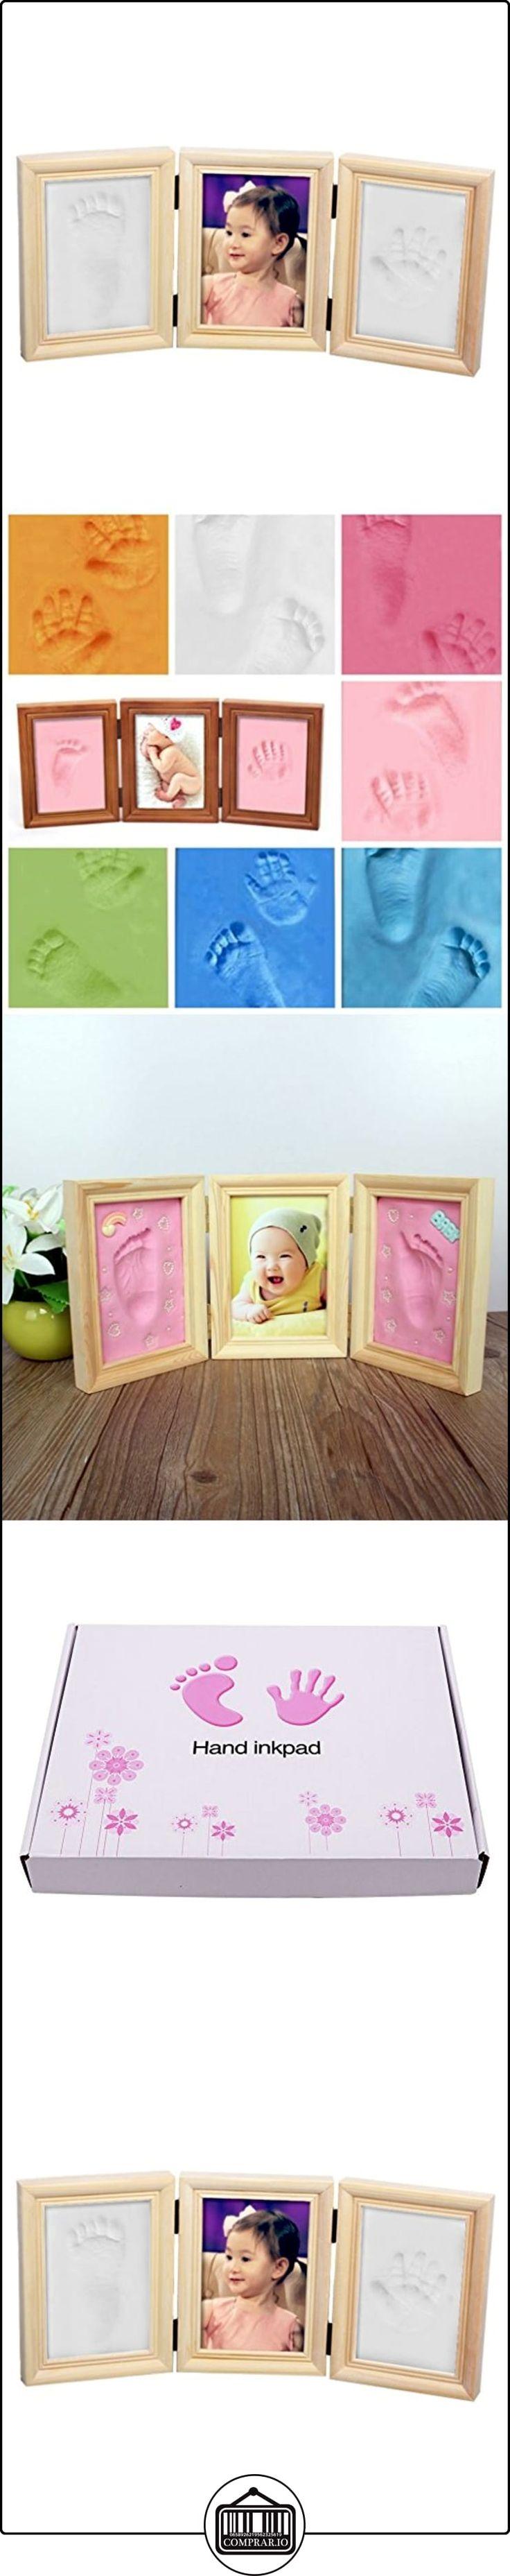 NaiFei Precious Baby Kit Casting Deluxe para el bebé Handprint o huella de madera de calidad Keepsake Marco Kit  ✿ Regalos para recién nacidos - Bebes ✿ ▬► Ver oferta: http://comprar.io/goto/B01LXTJZ3S